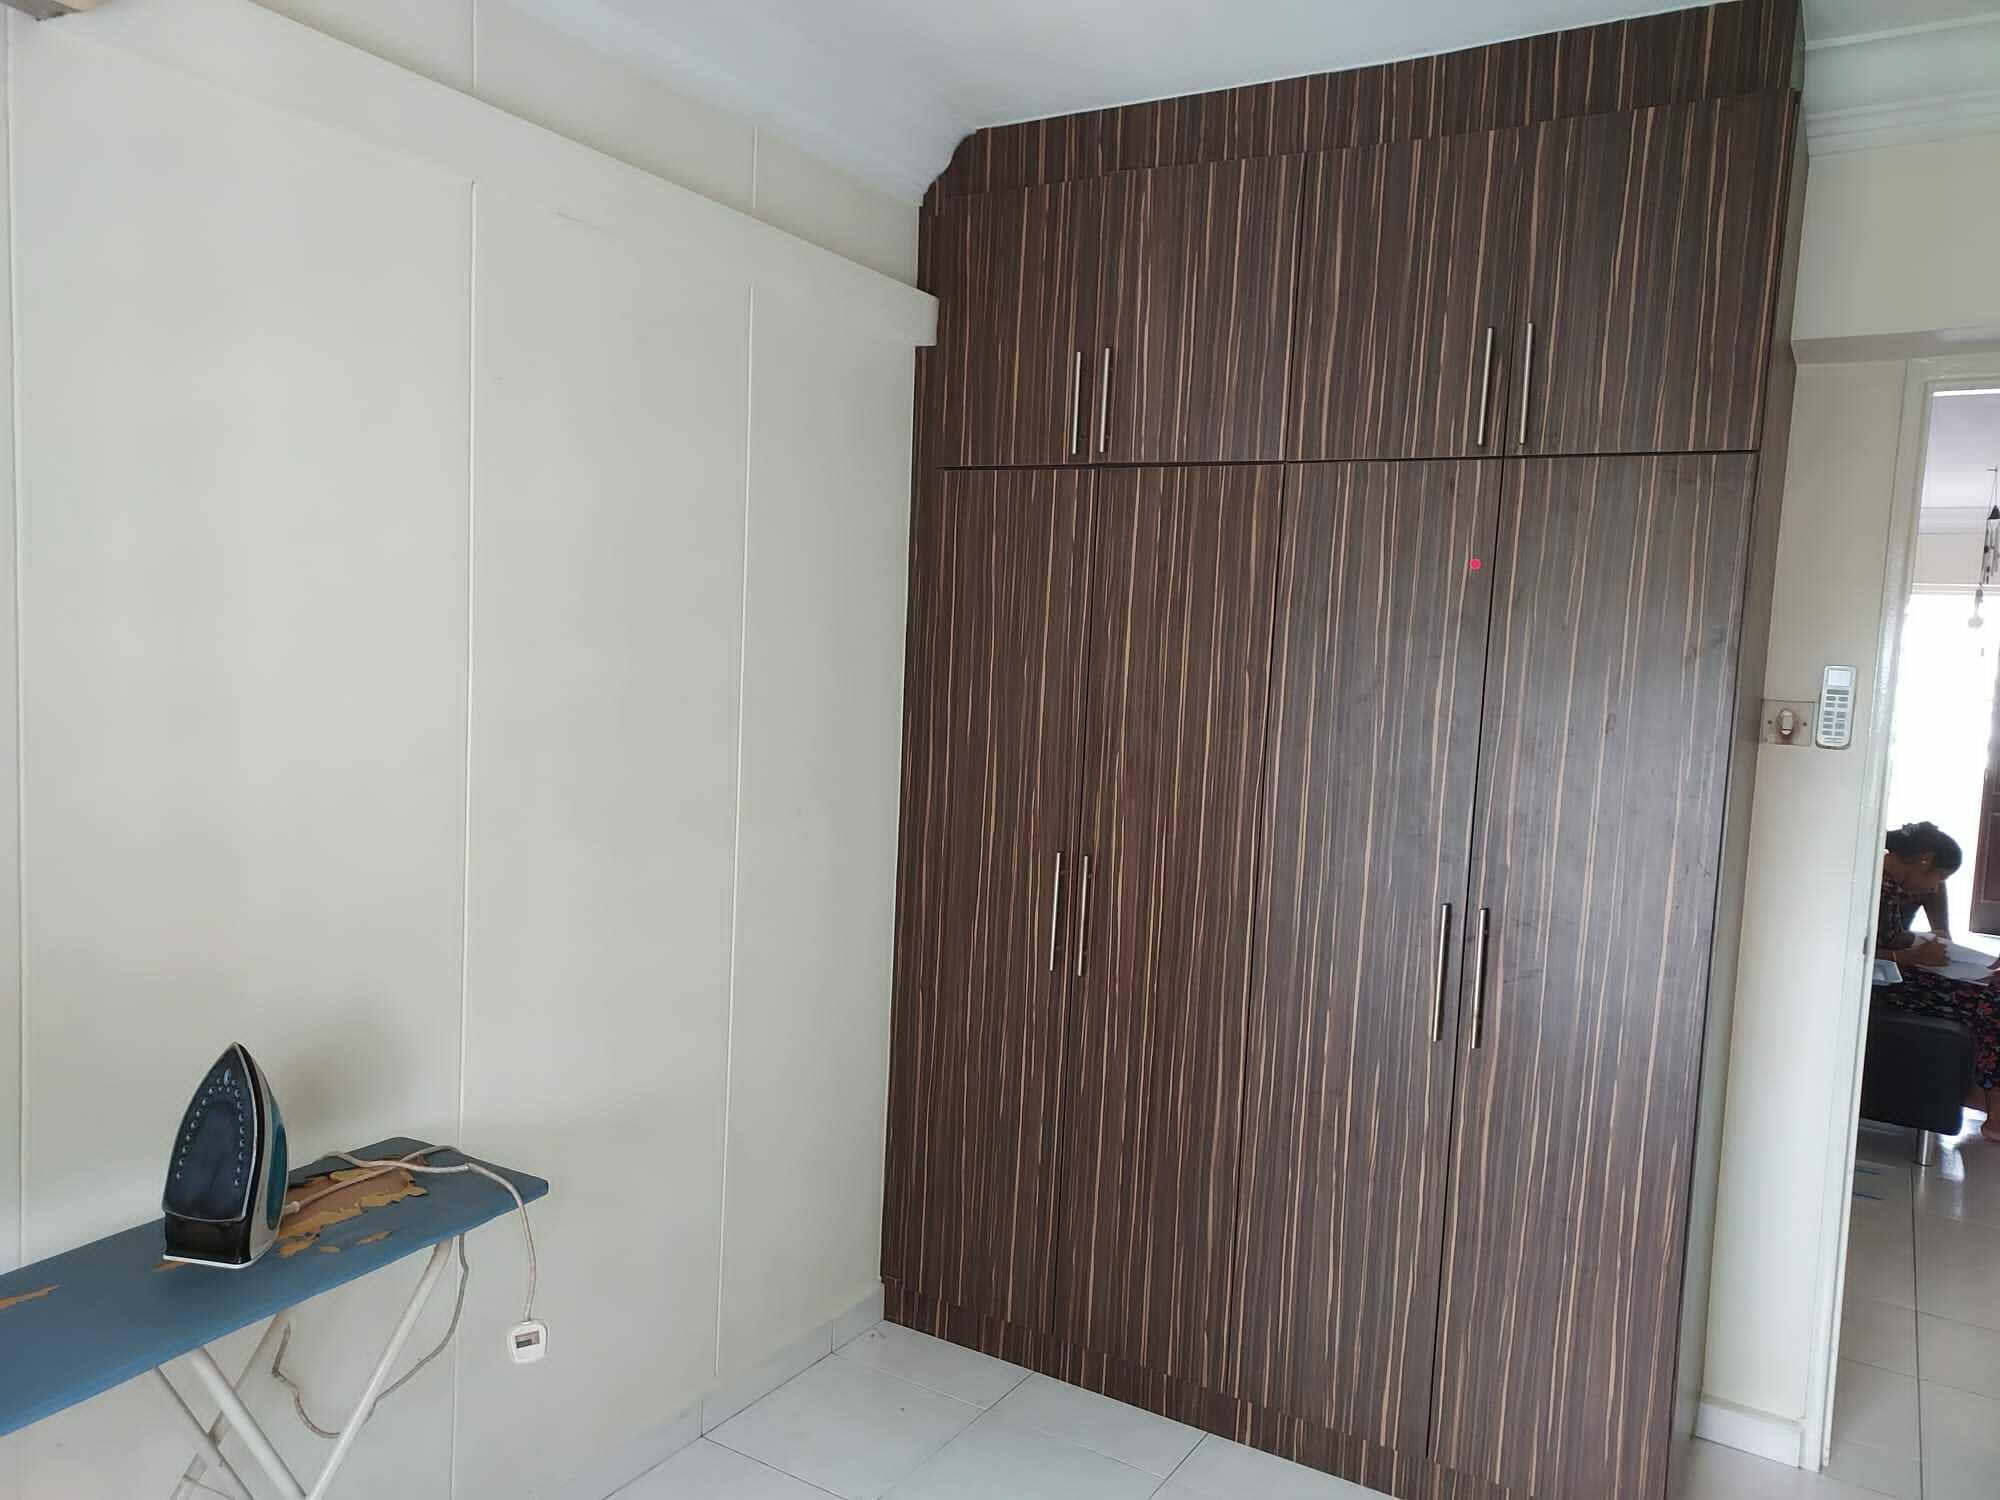 459 Choa Chu Kang Avenue 4 #131264546